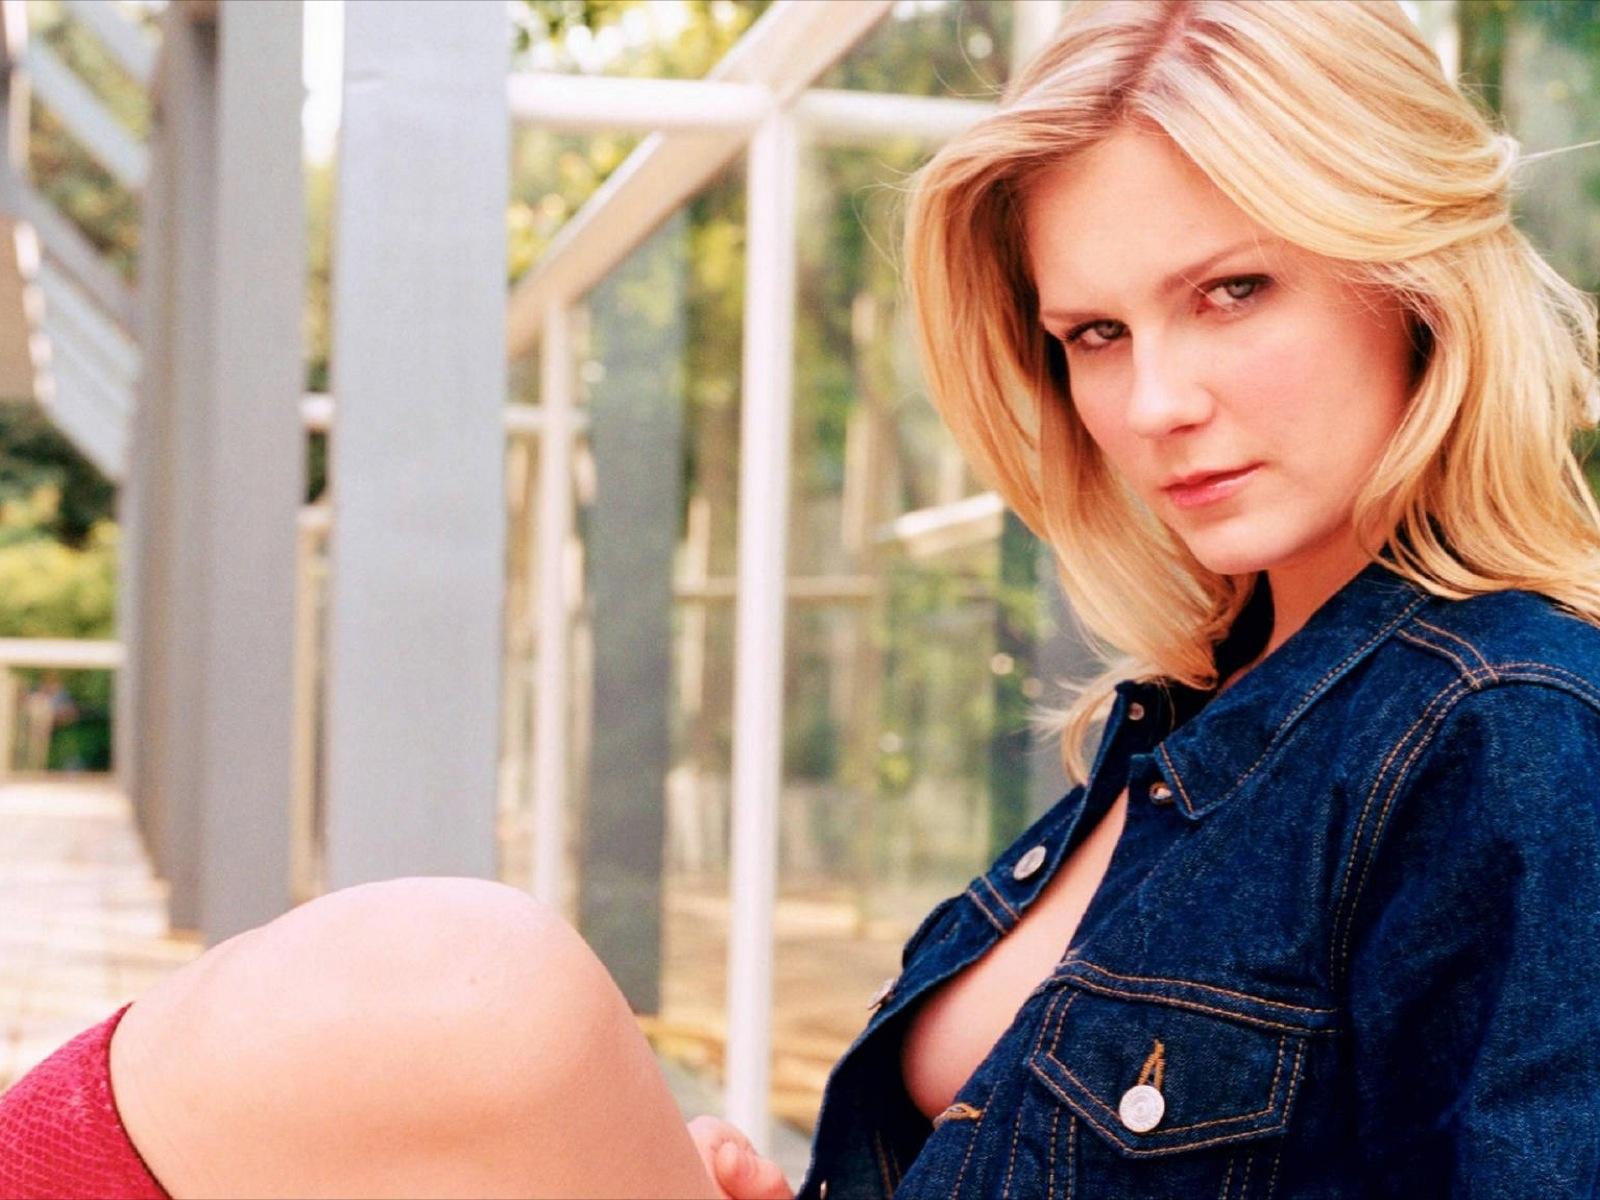 Kirsten Dunst Hot Photos